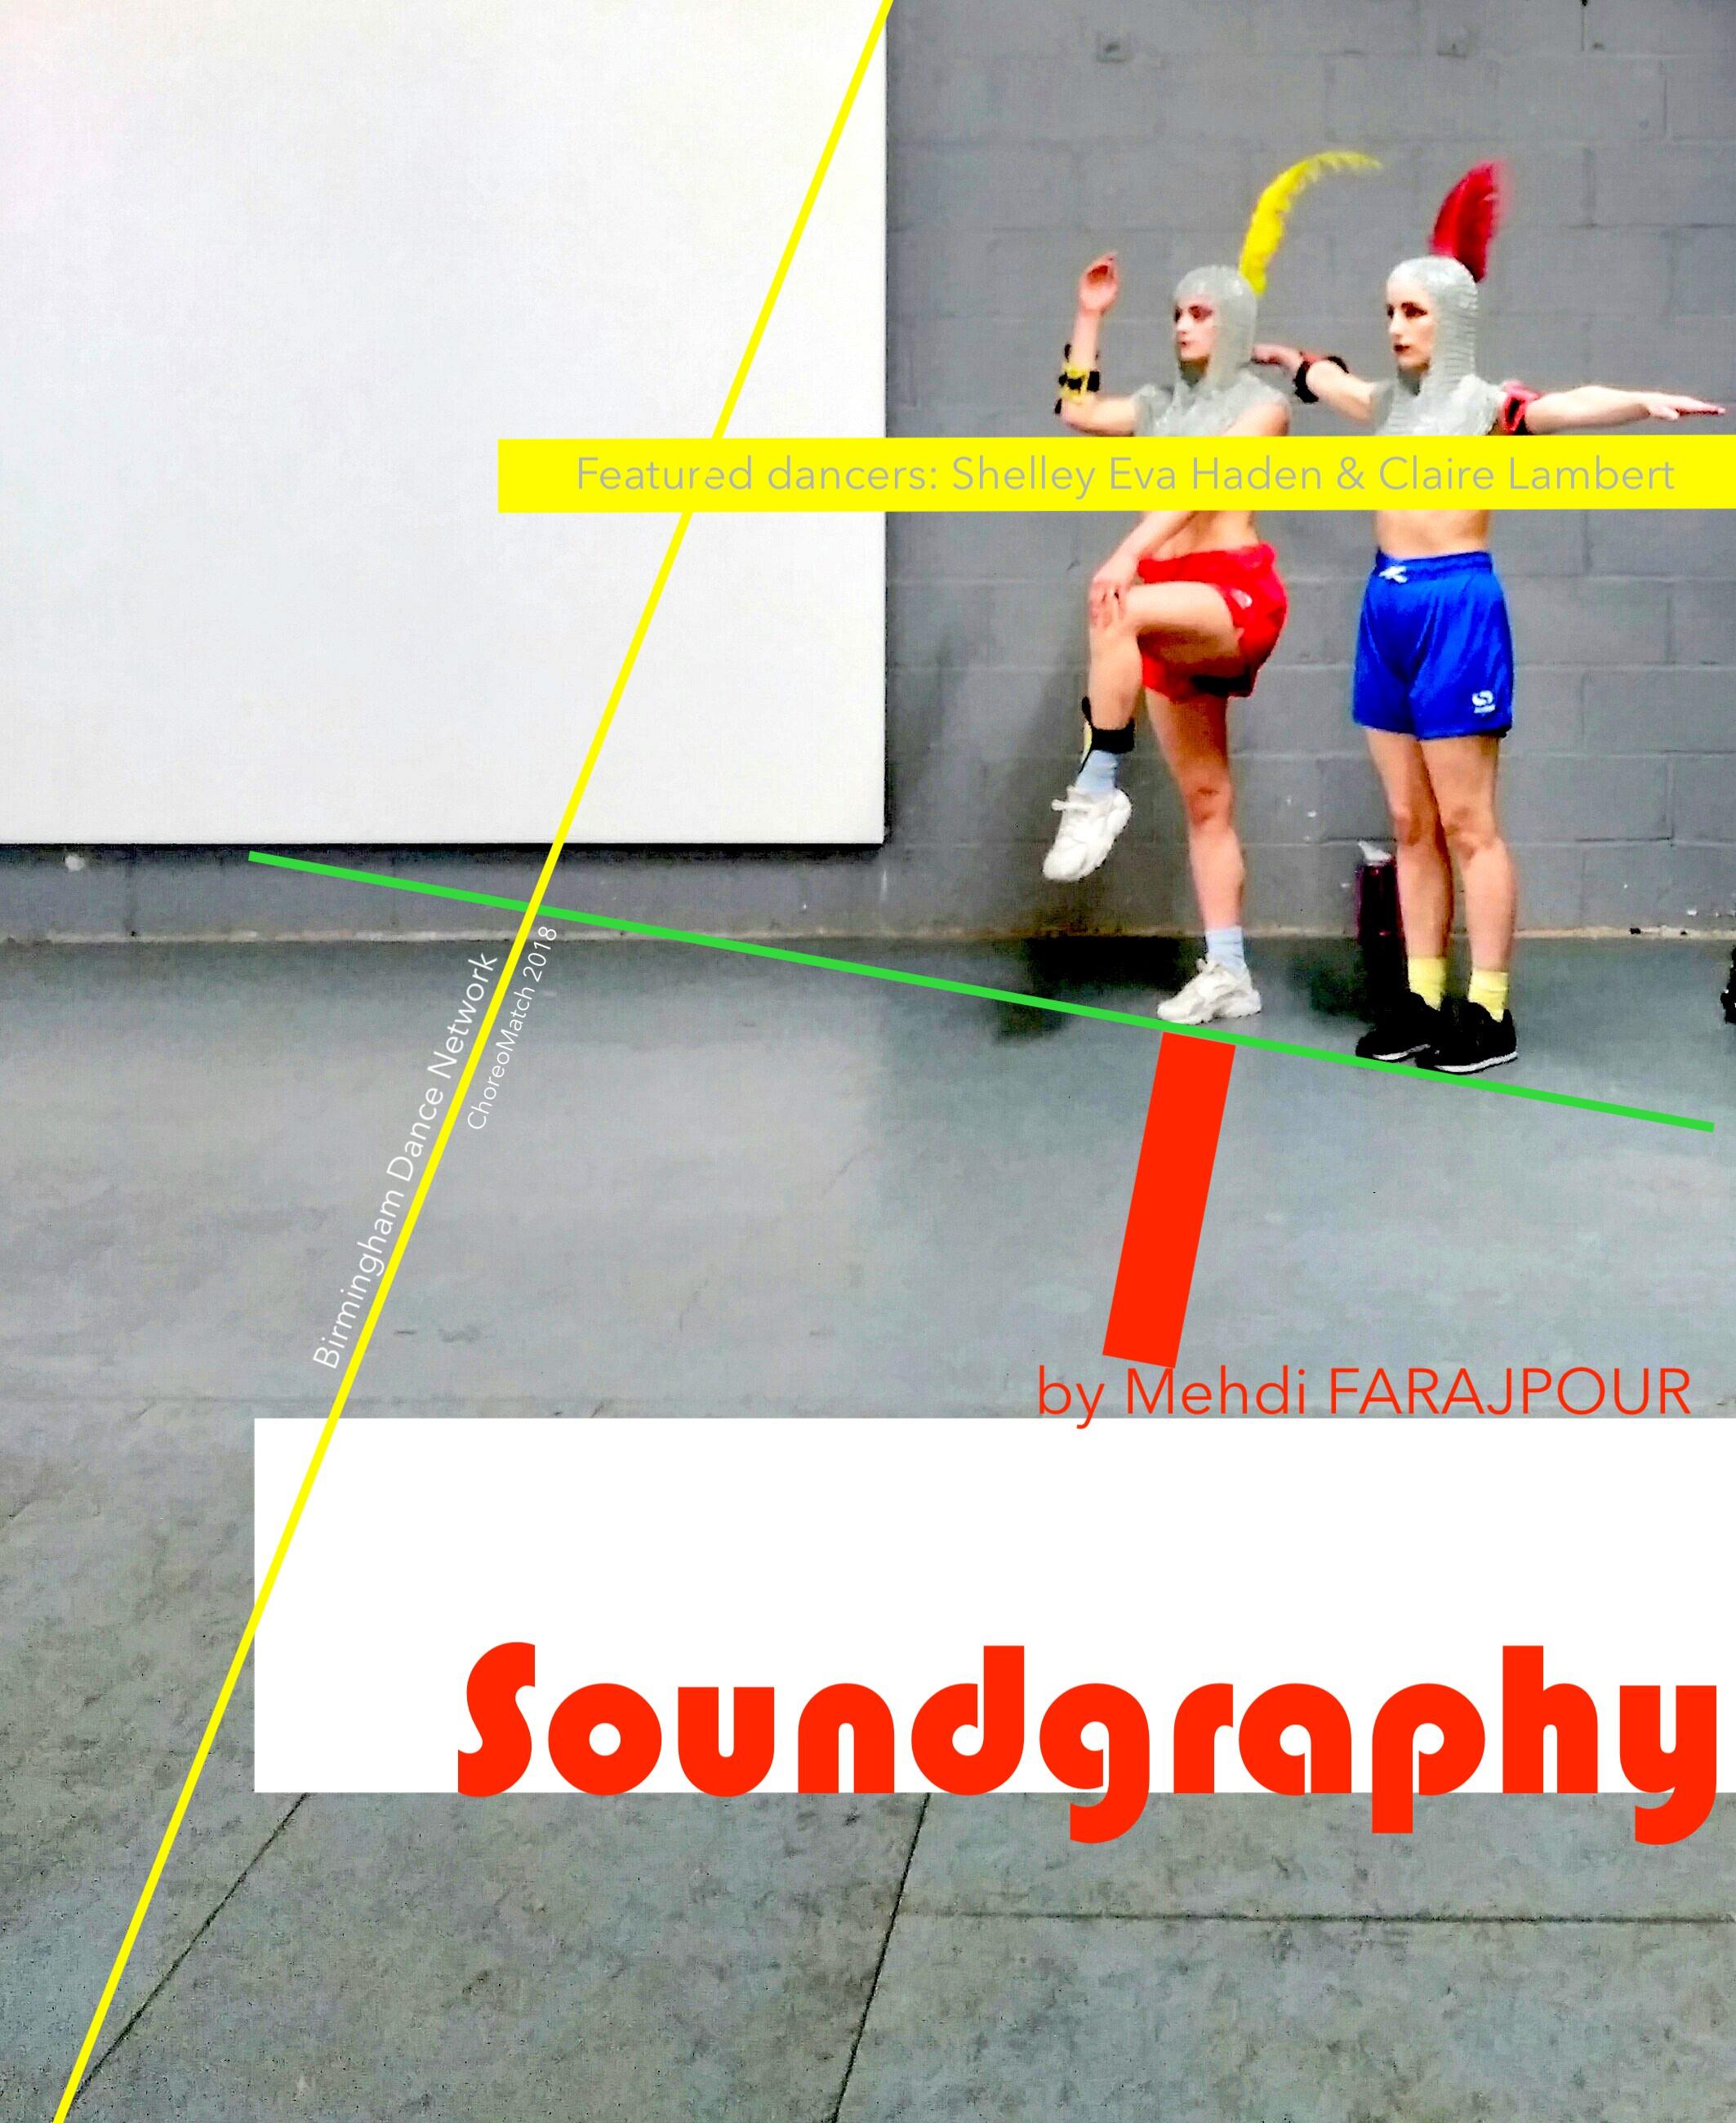 SoundGraphy